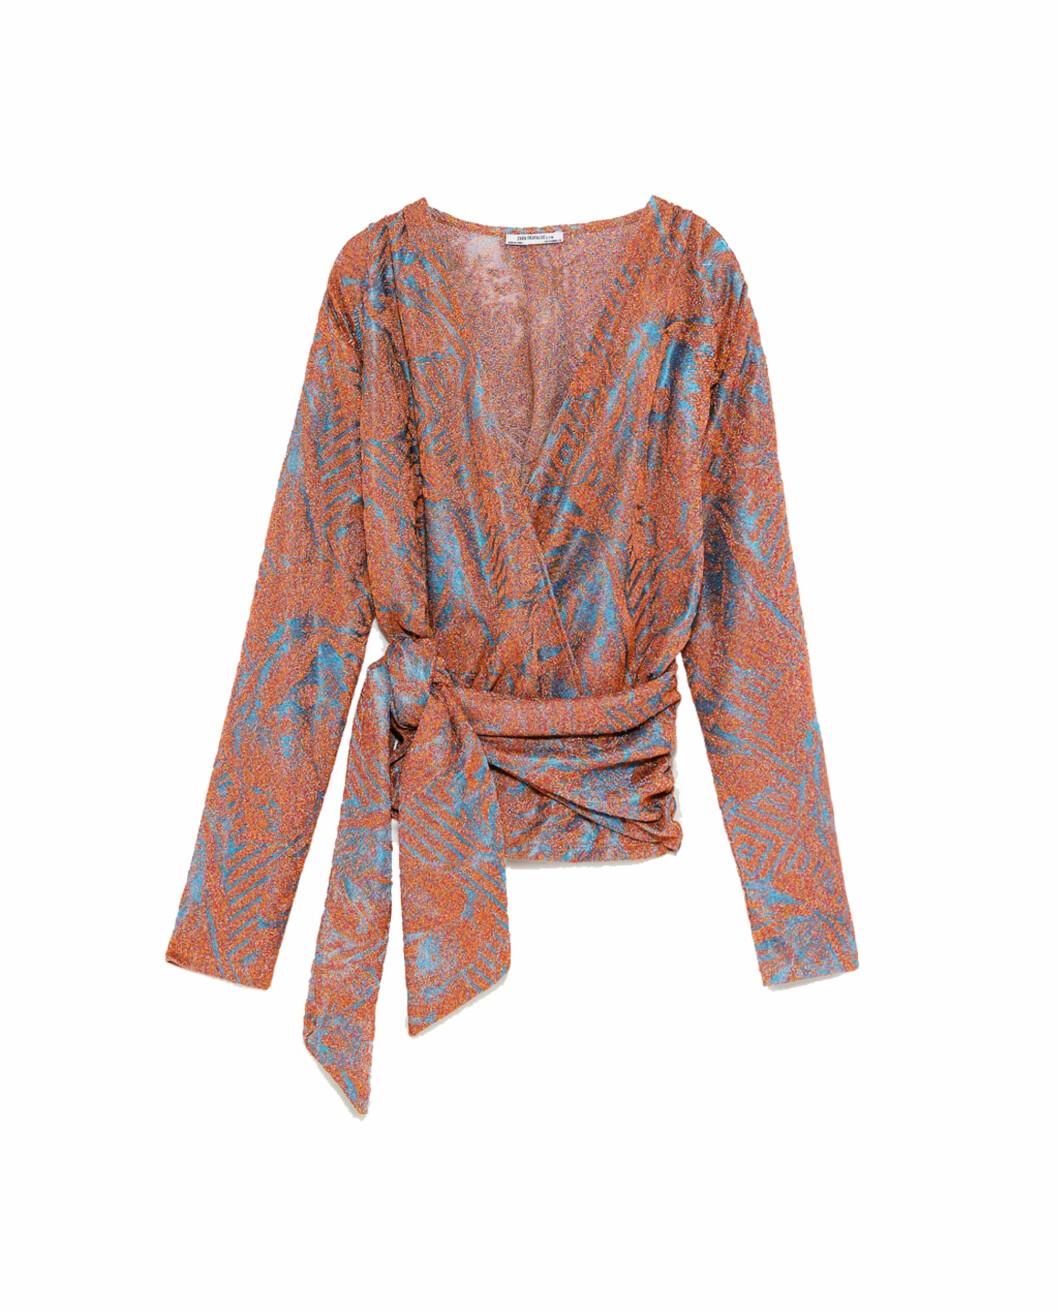 <strong>Topp fra Zara |299,-| https:</strong>//www.zara.com/no/no/topp-med-glans-og-belte-p08675073.html?v1=5861512&v2=805004